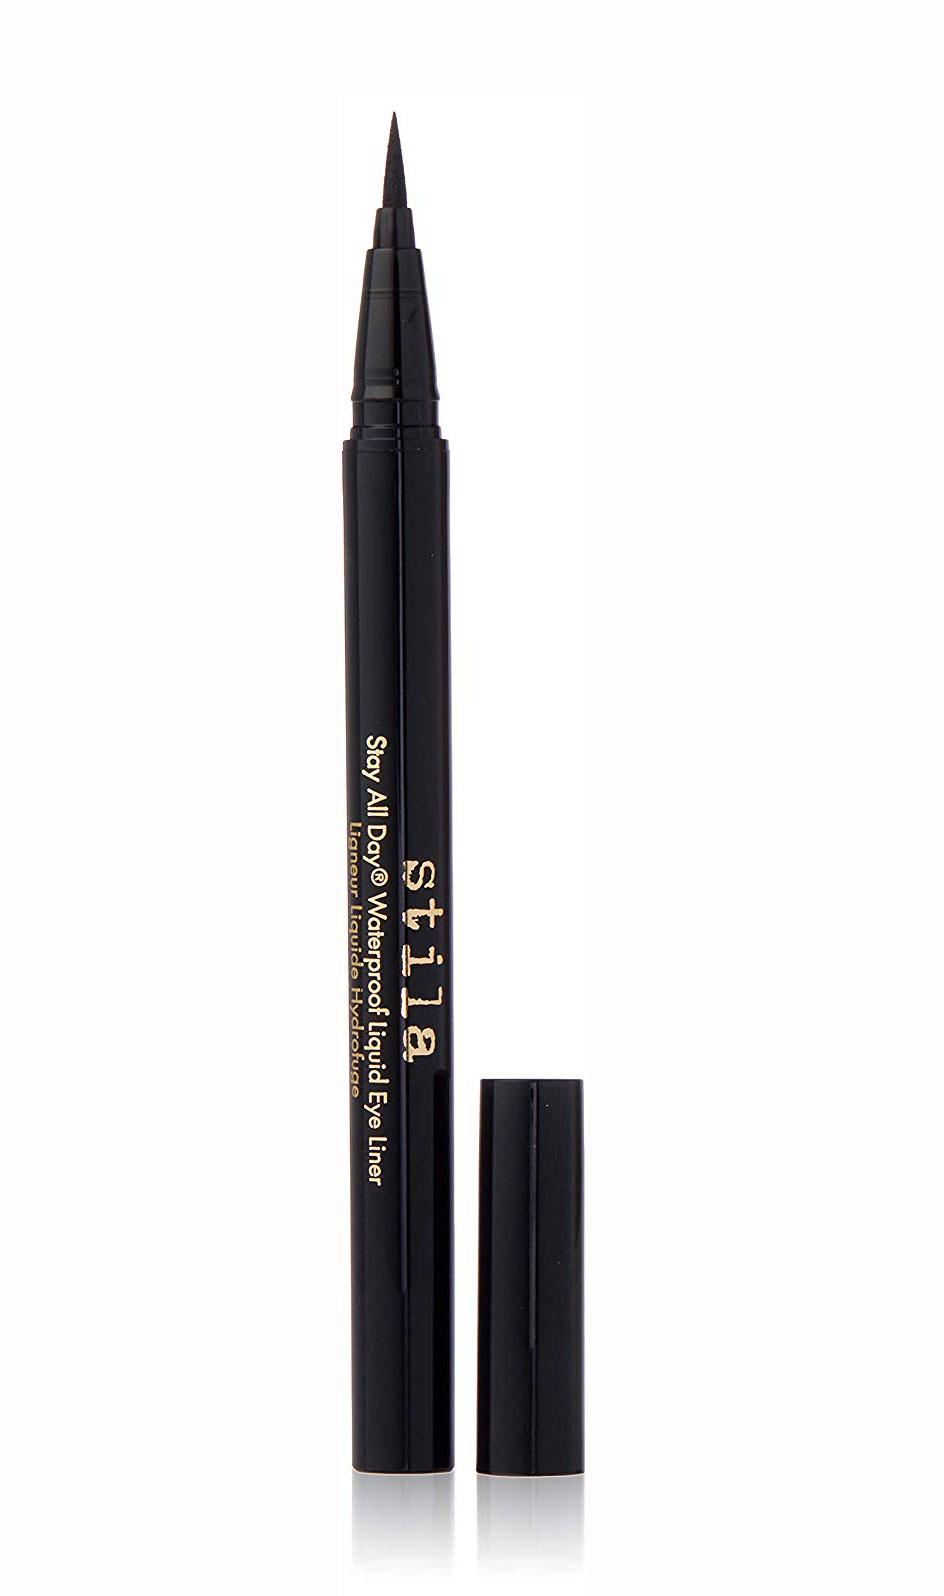 Stila liquid eyeliner